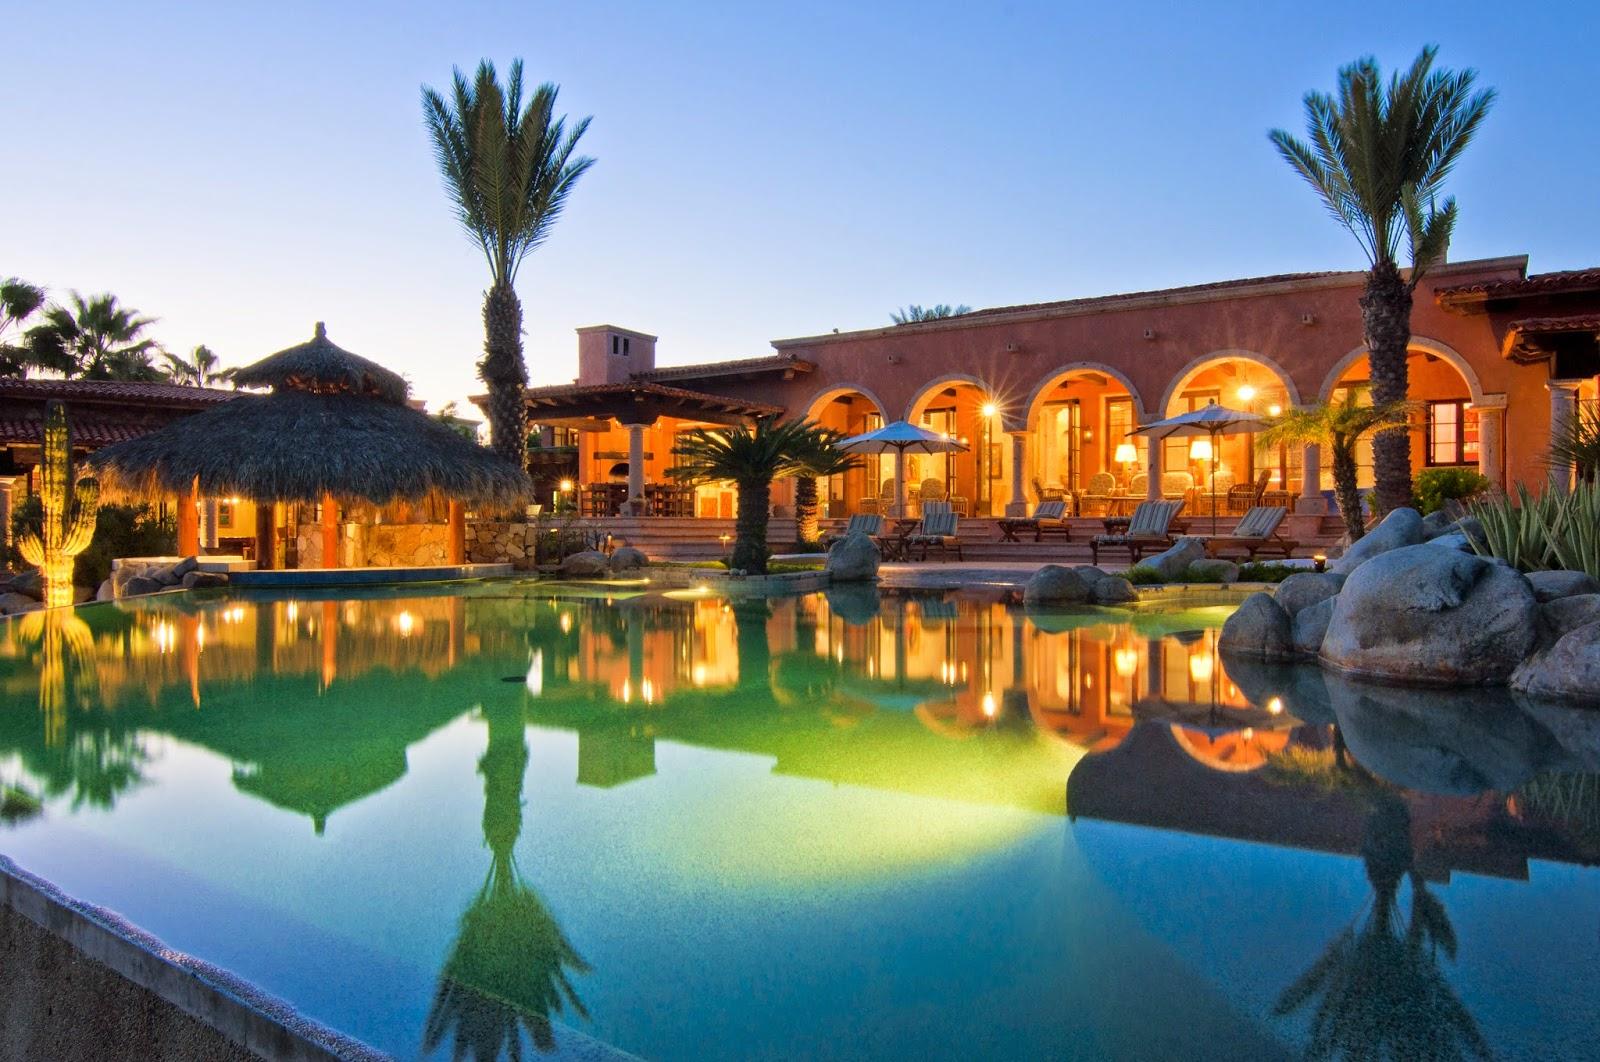 Villa Vista Ballena en el Cabo San Lucas en México - Foto: TripAdvisor Vacation Rentals